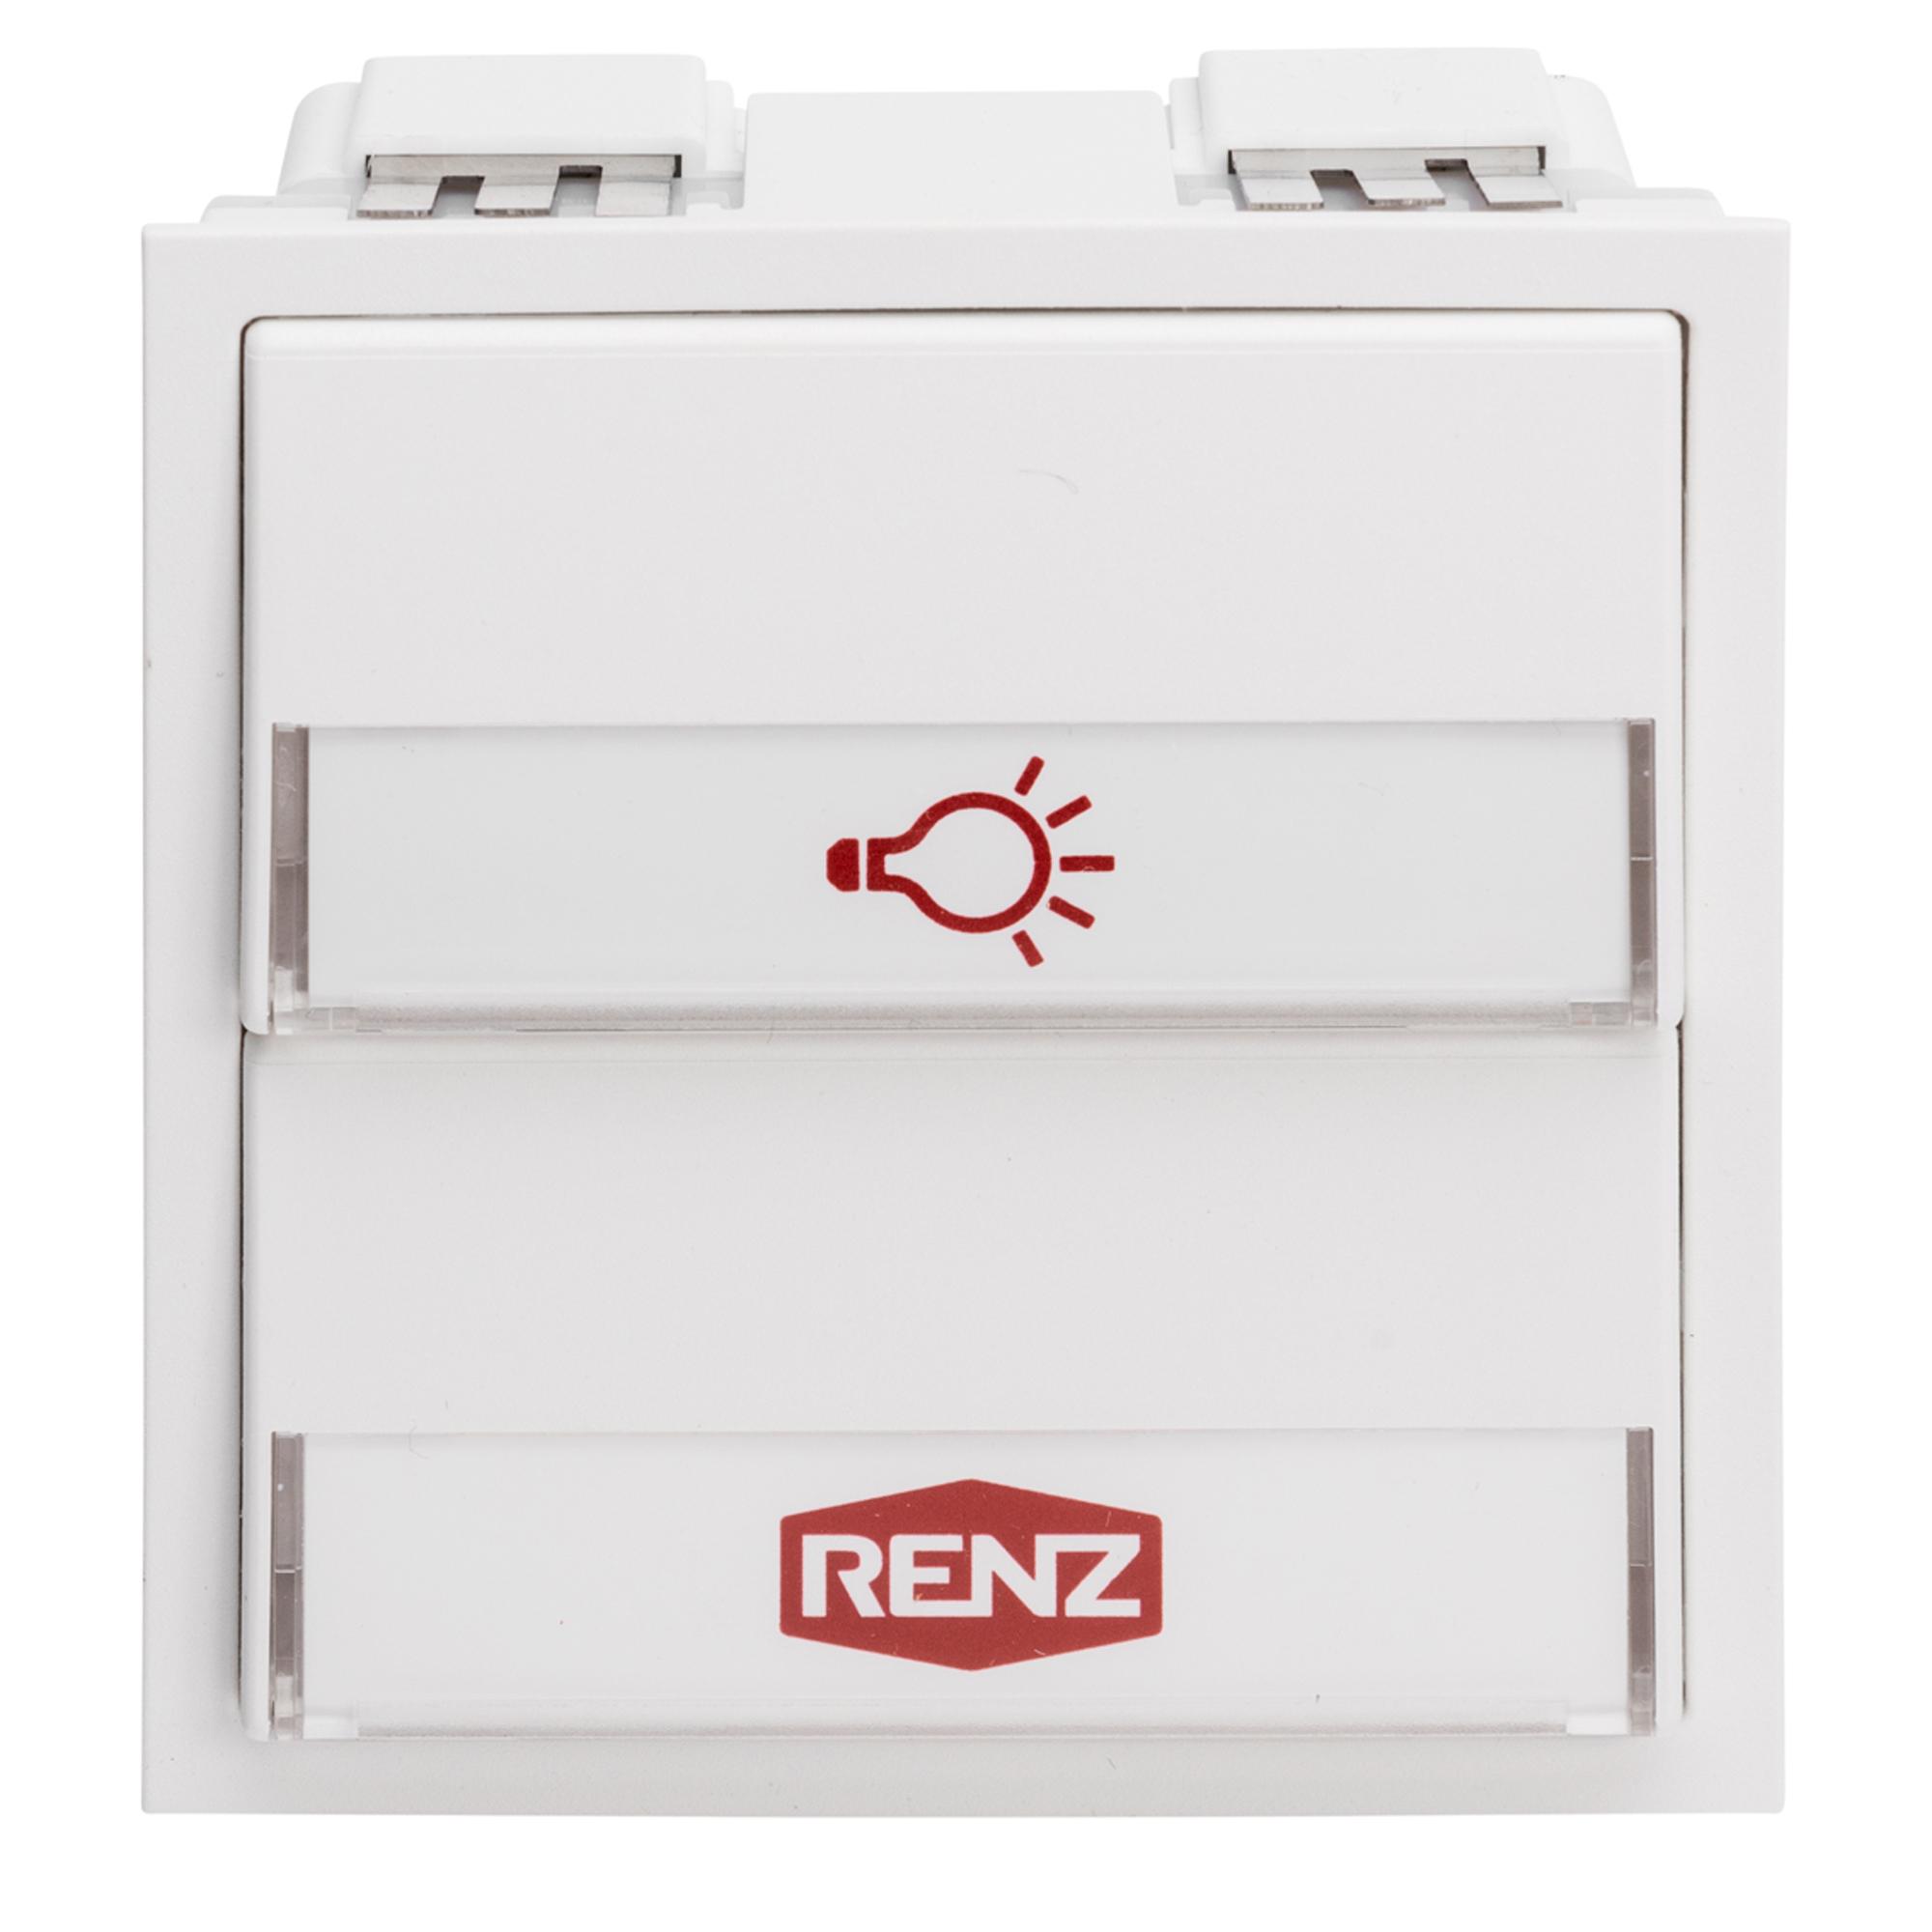 Renz Tastenmodul mit 1 Licht- und 1 Klingeltaster weiß